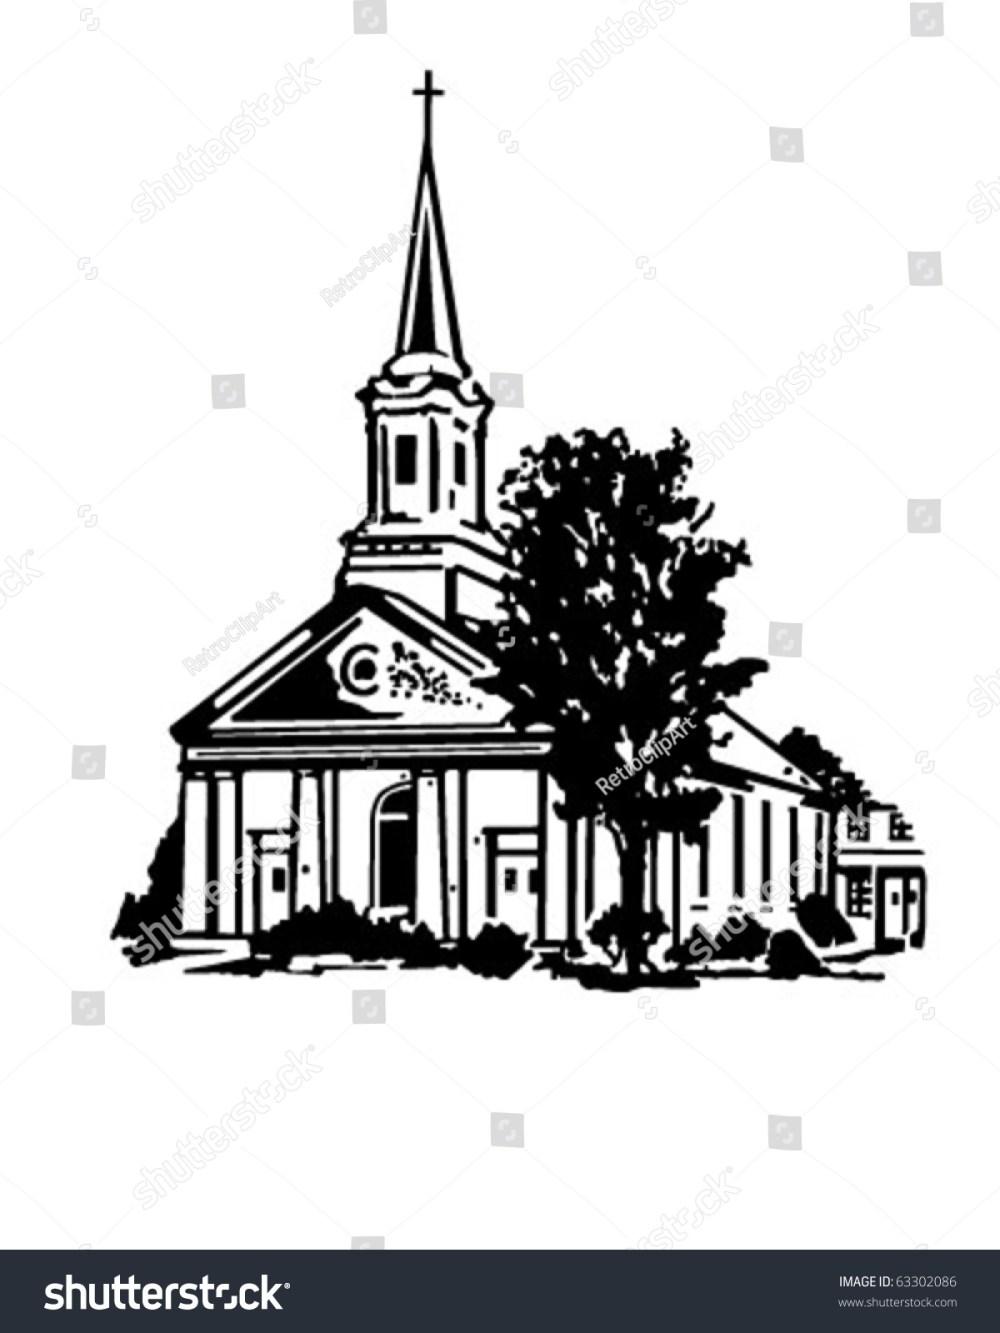 medium resolution of church retro clipart illustration